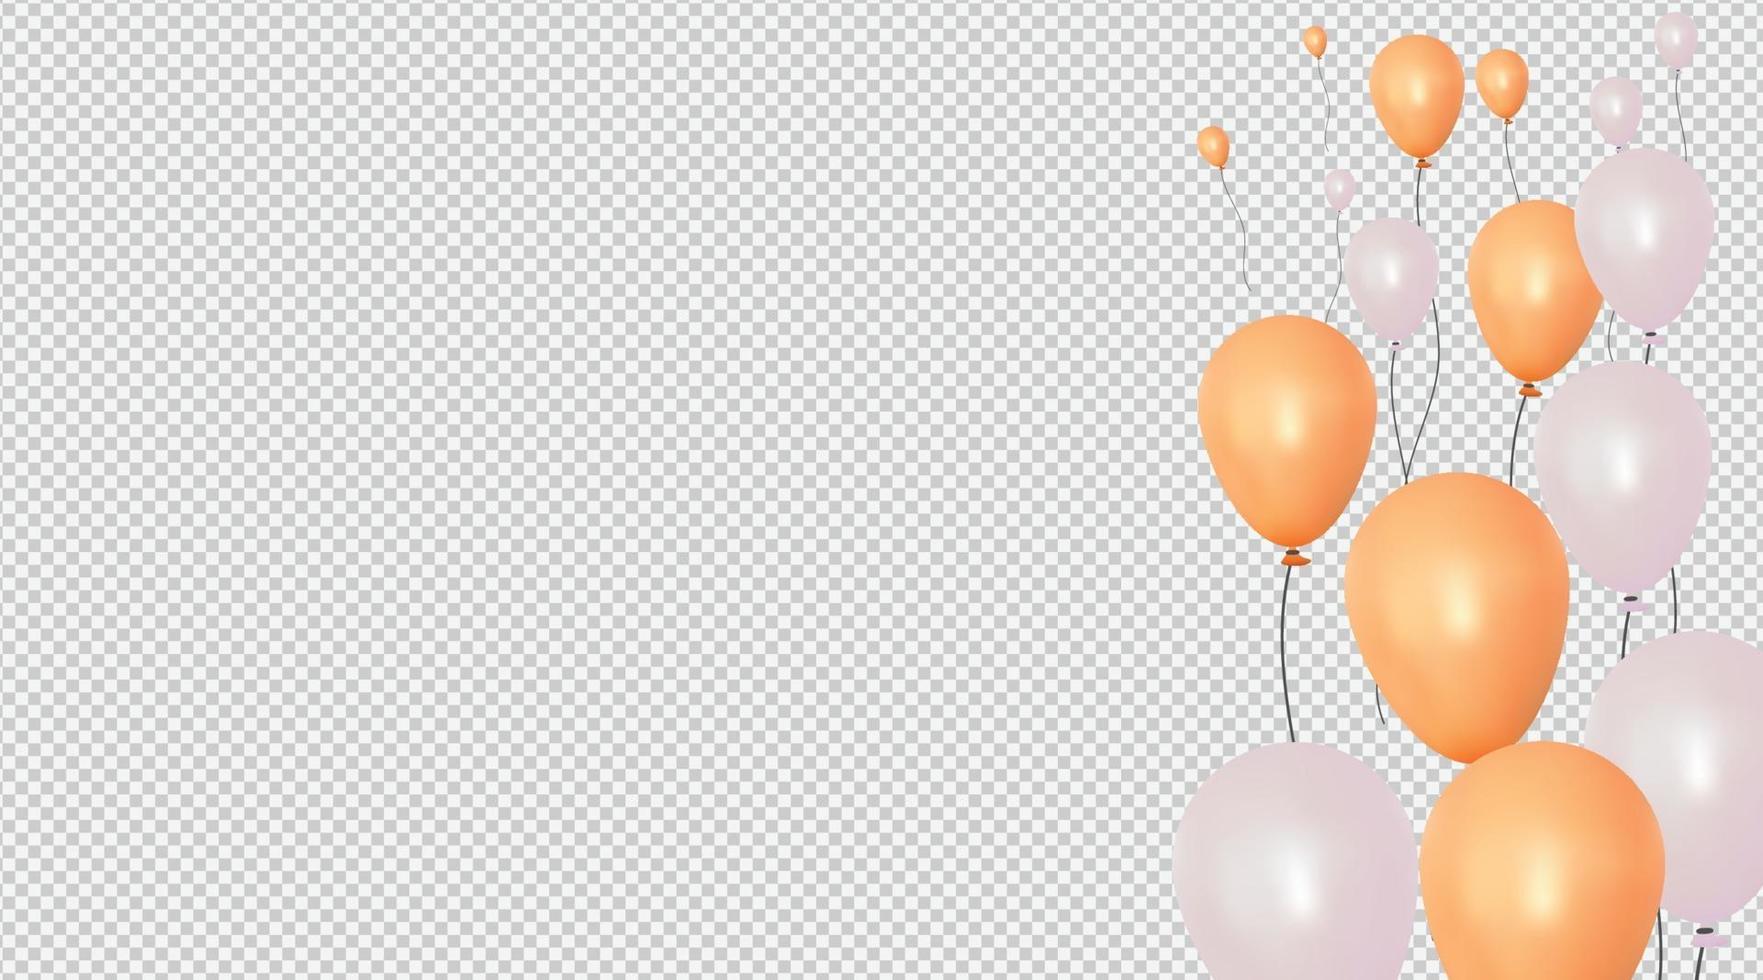 Feierhintergrund mit realistischem Ballonvektor. Design 3d Illustration vektor